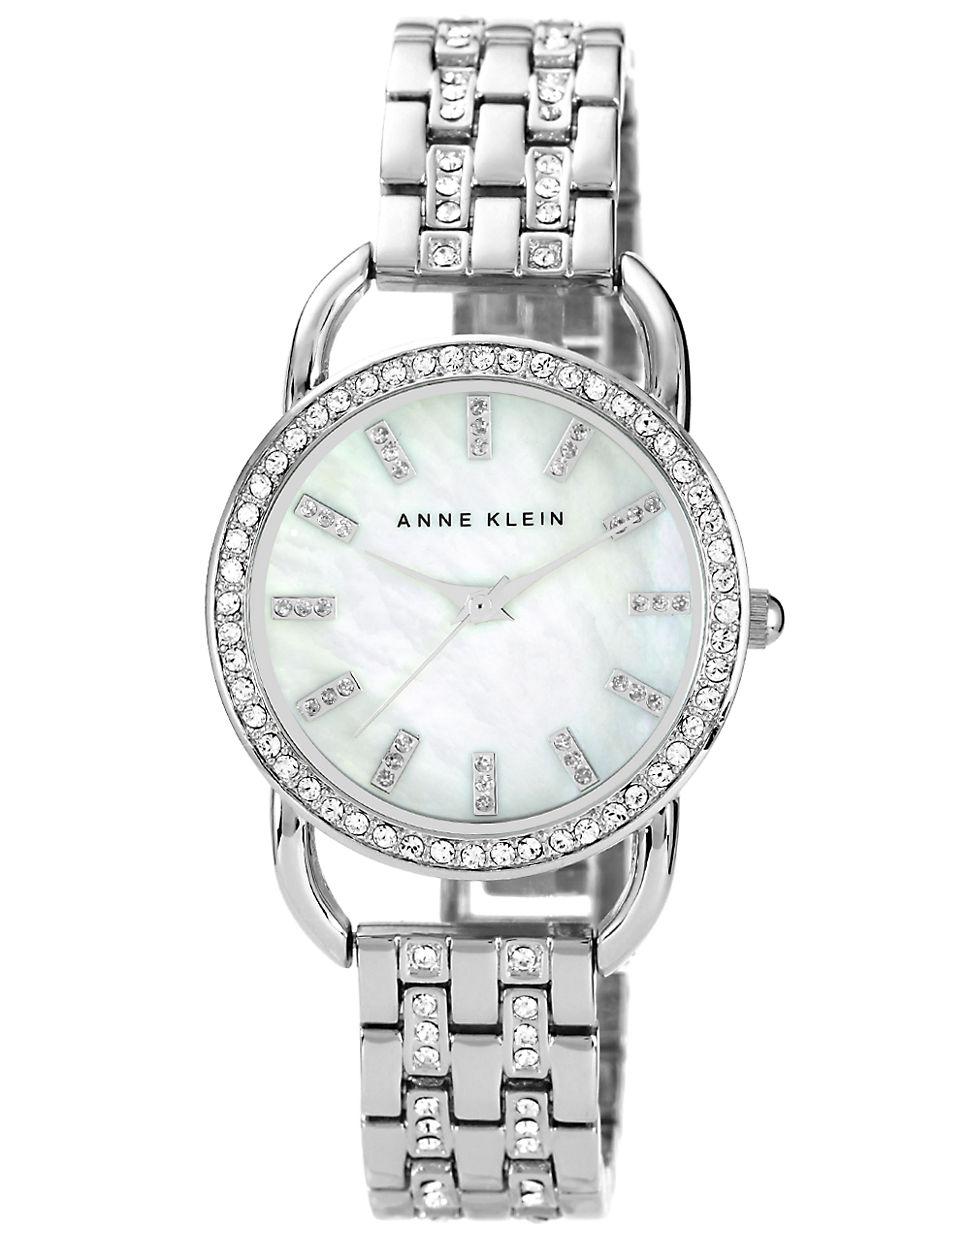 Anne klein ladies silvertone swarovski crystal watch in silver lyst for Anne klein swarovski crystals